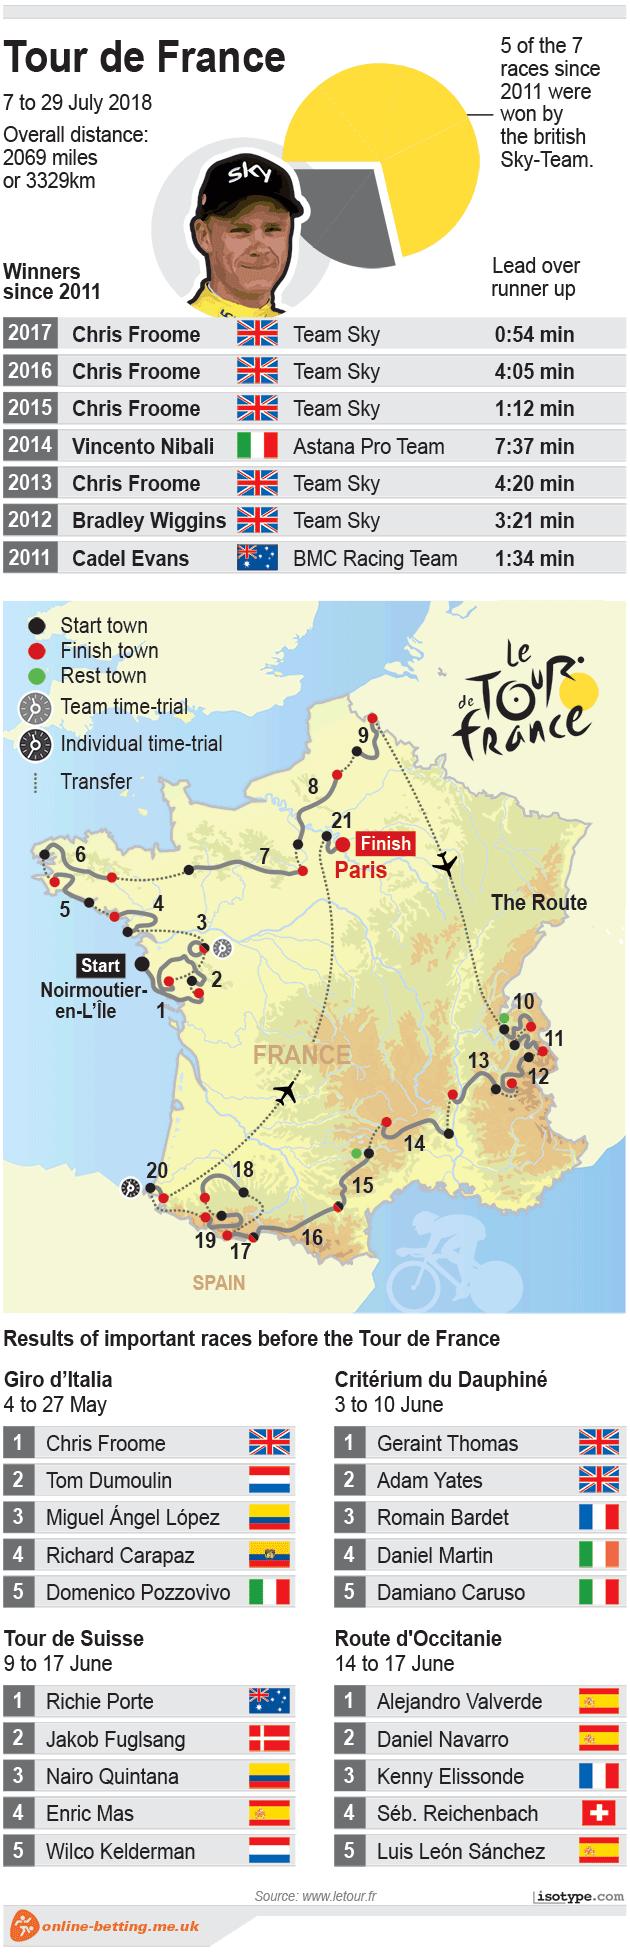 Tour de France 2018 Infographic